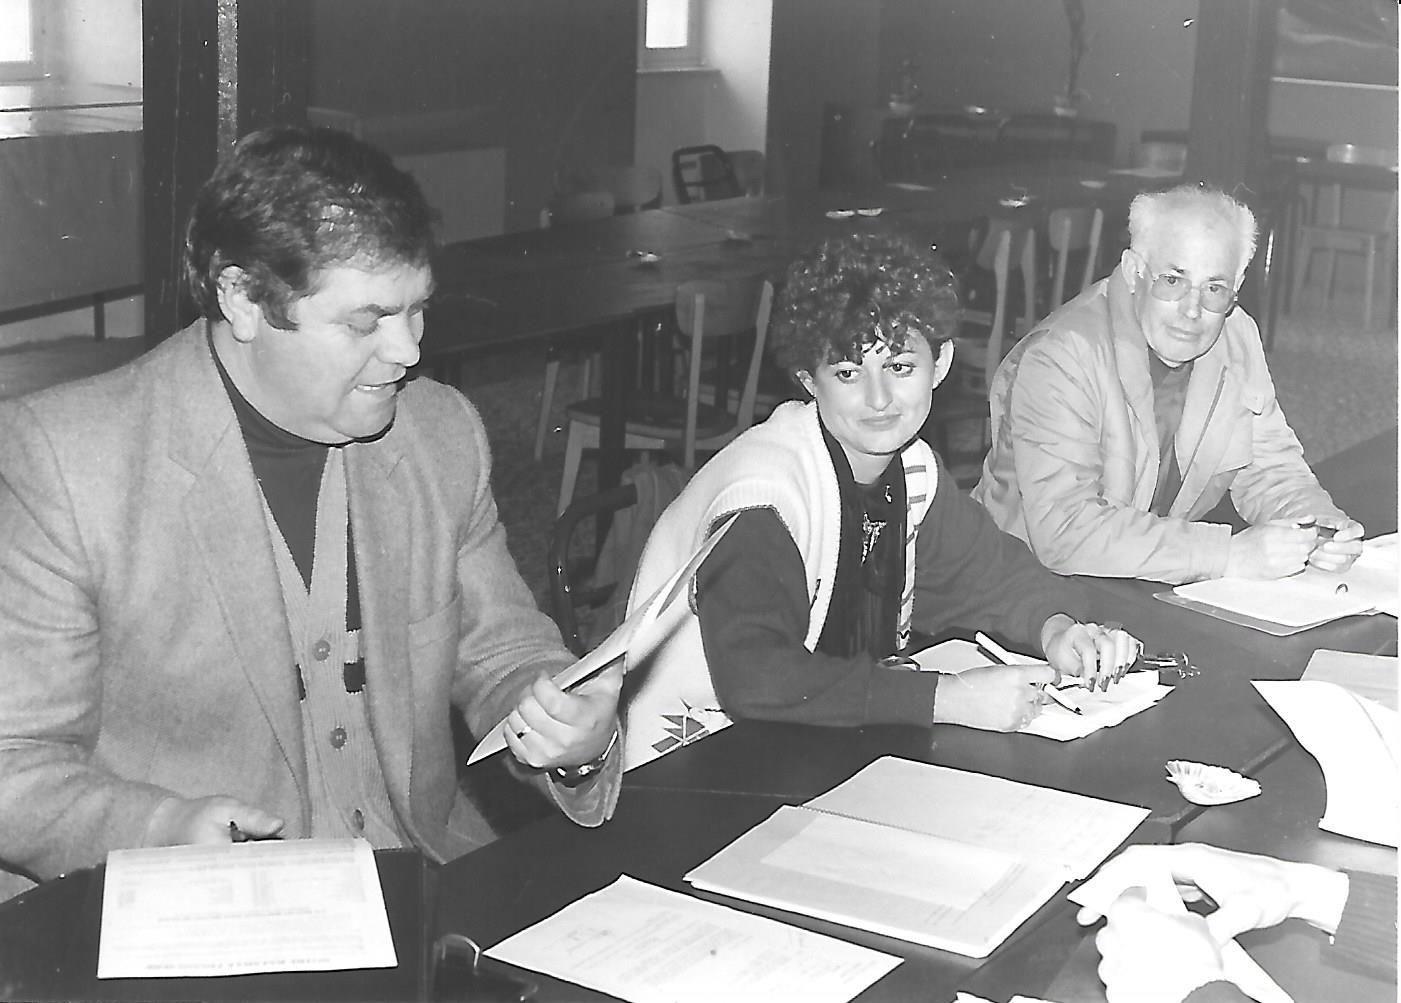 Hommage à Michel Derrien ancien responsable de section à Morlaix, ancien élu communiste - par Alain David